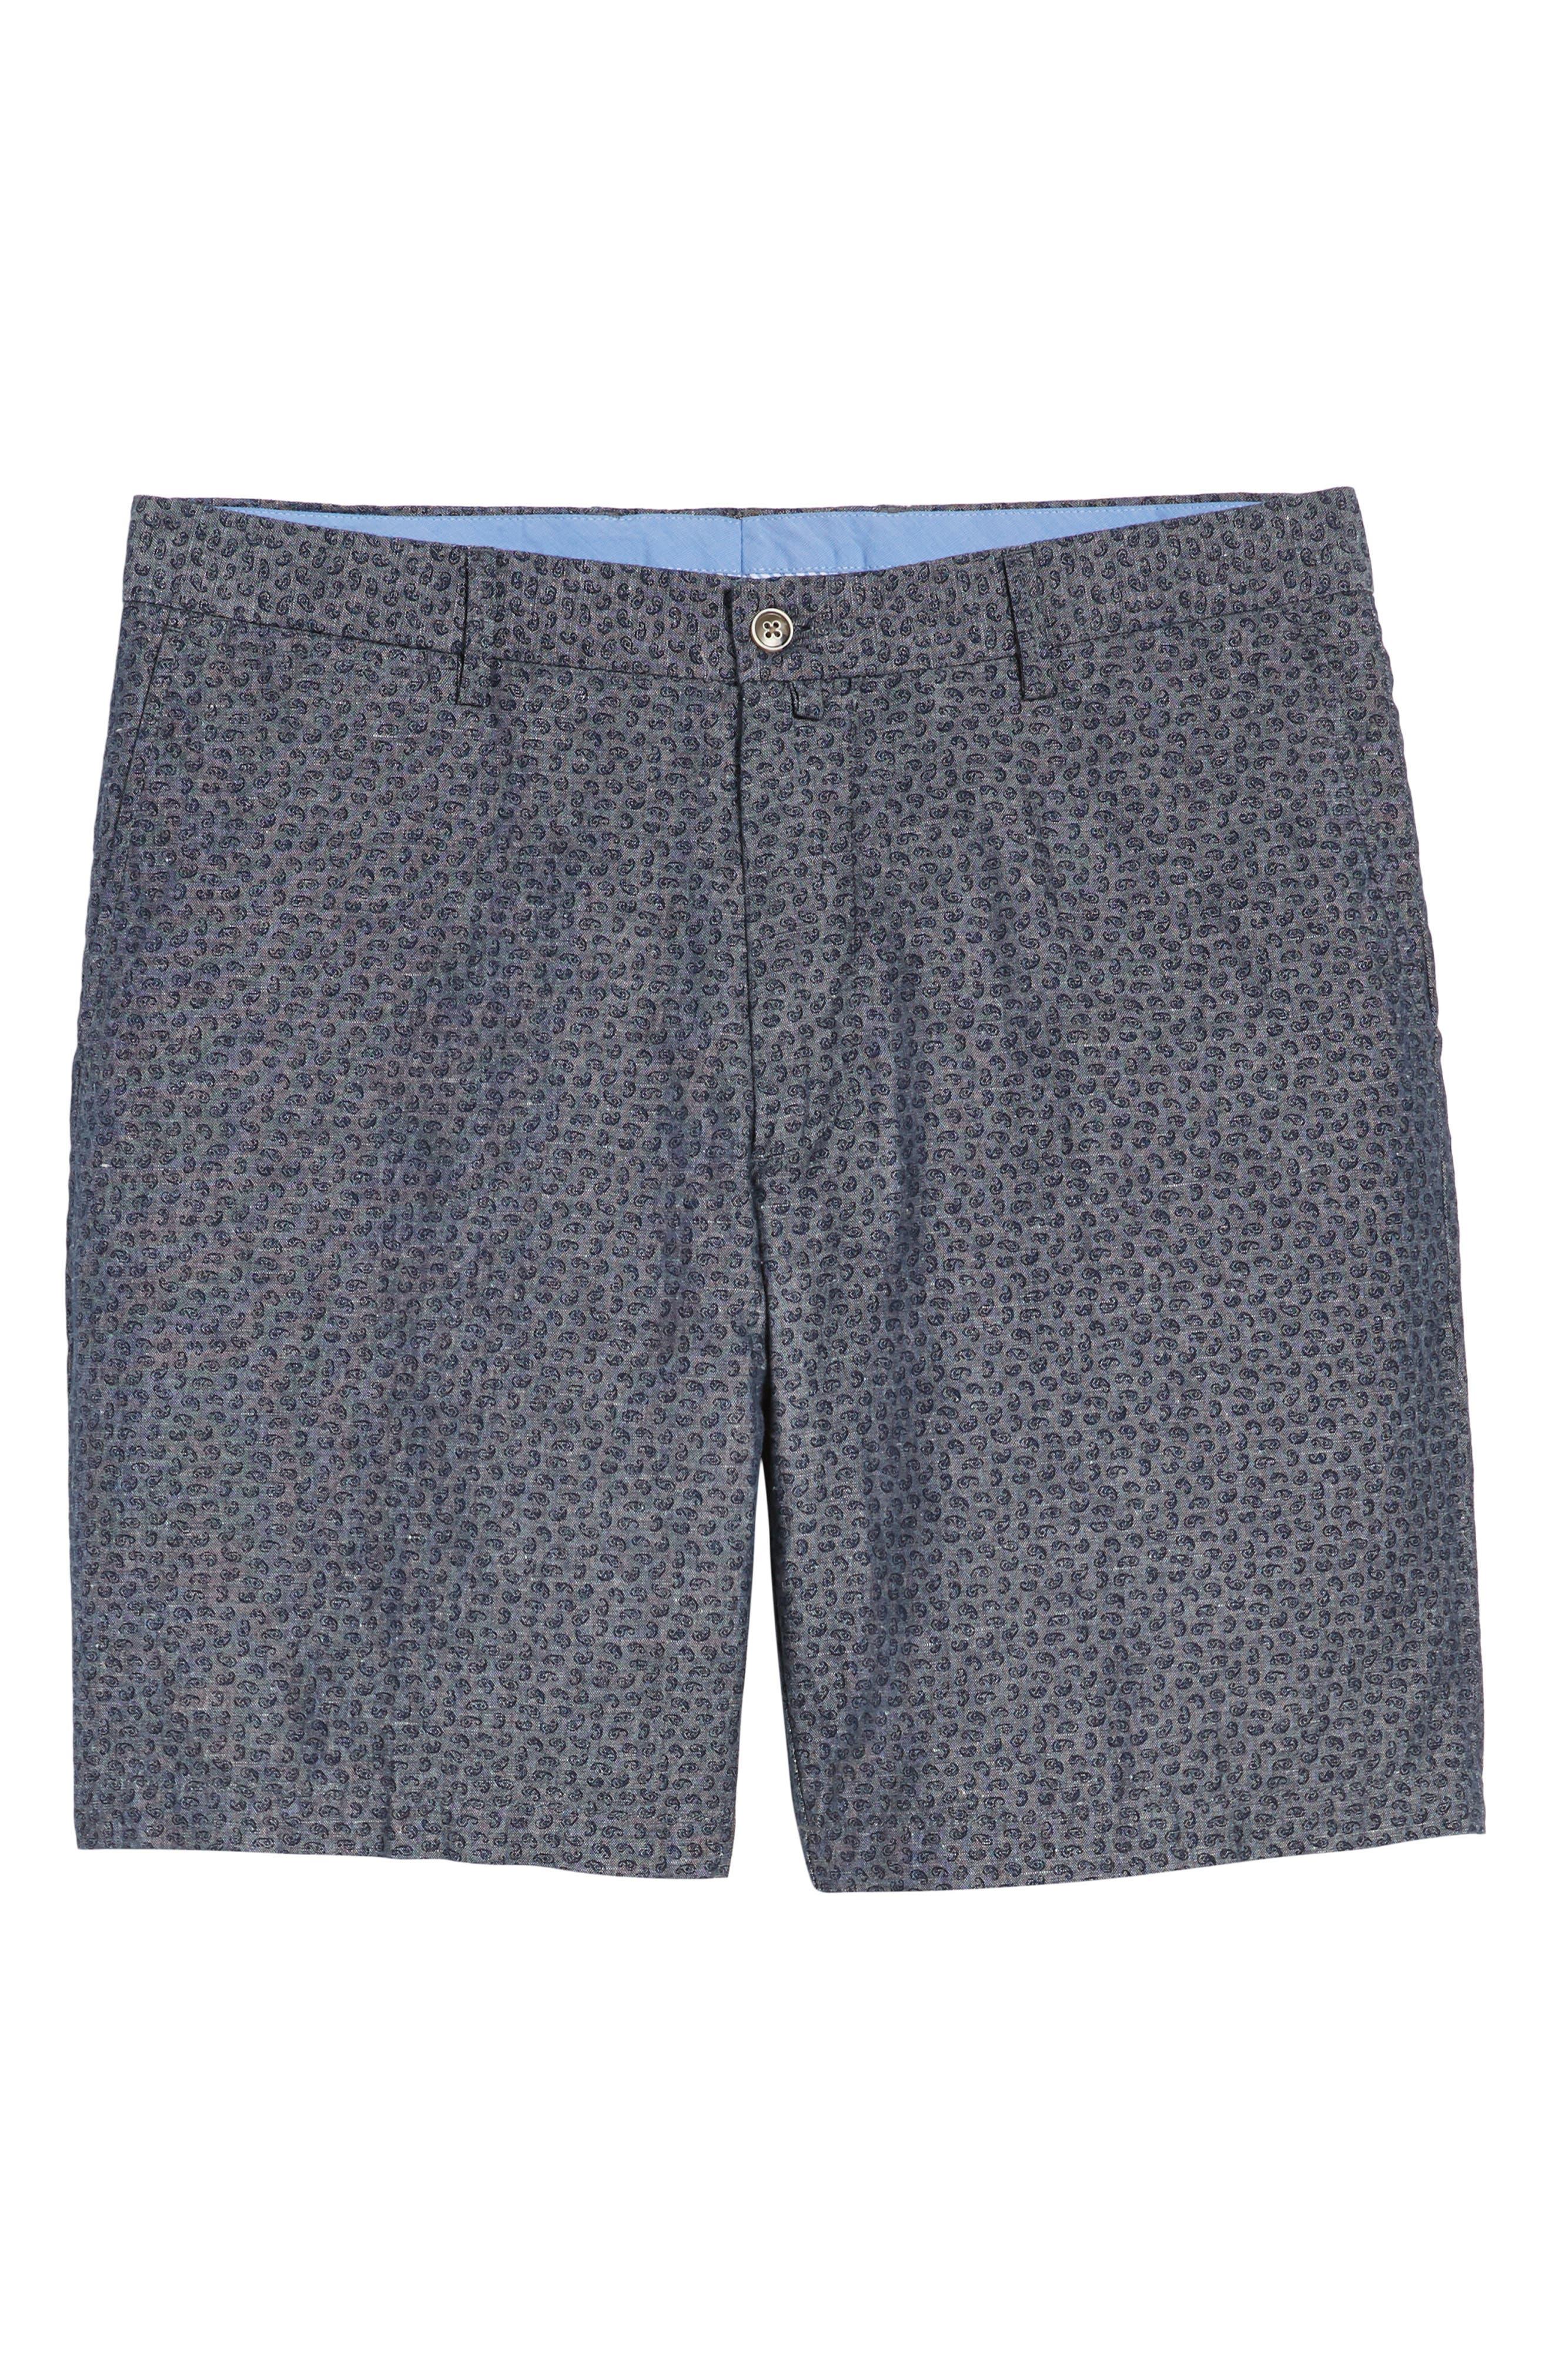 Paisley Chambray Flat Front Shorts,                             Alternate thumbnail 6, color,                             052